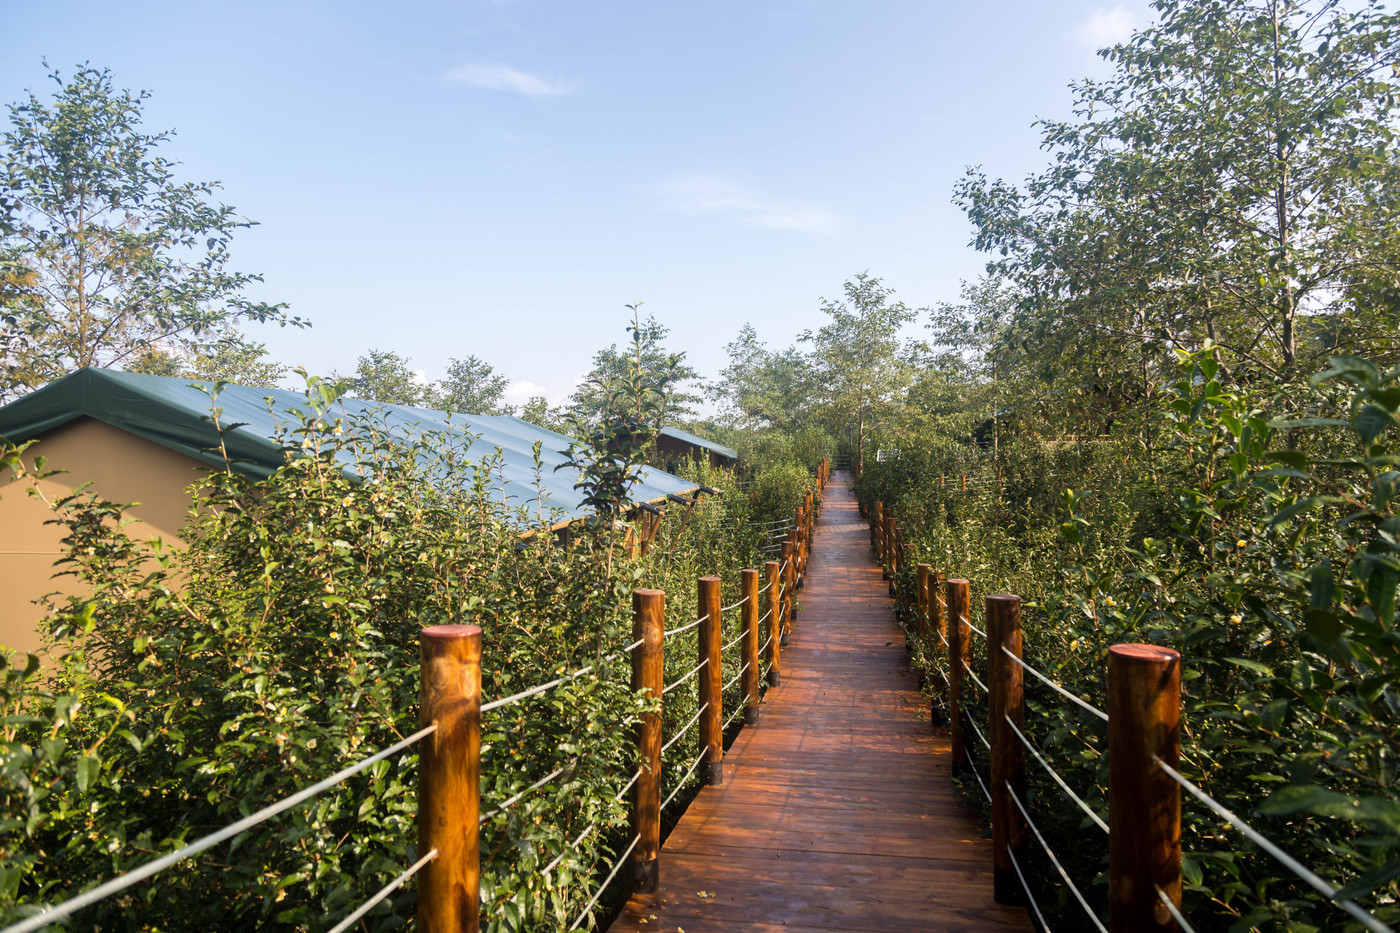 喜马拉雅野奢帐篷酒店—云南腾冲高黎贡山茶博园10